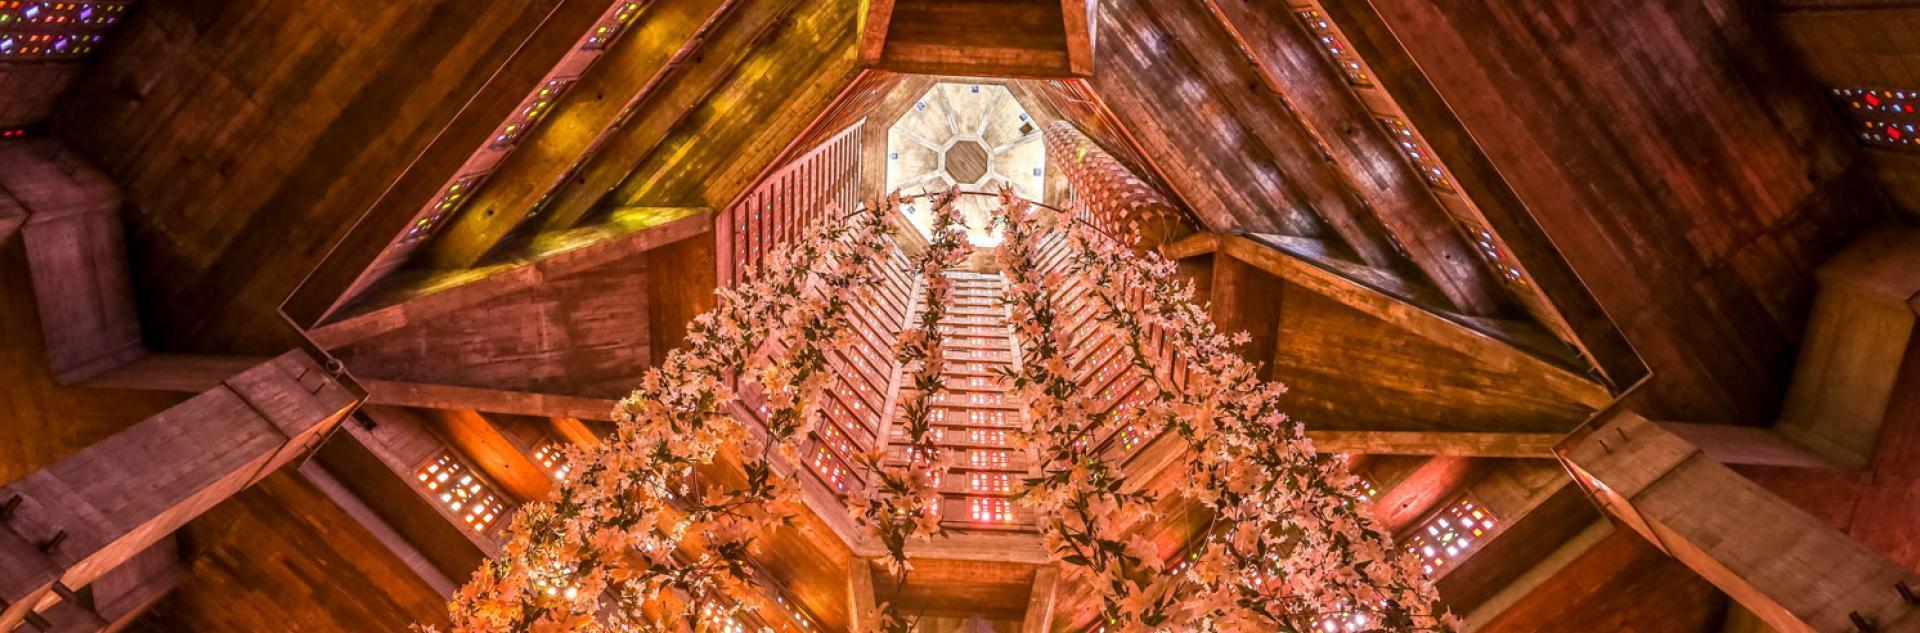 L'installation la Tendresse des Loups de Claude Lévêque dans l'Eglise Saint-Joseph